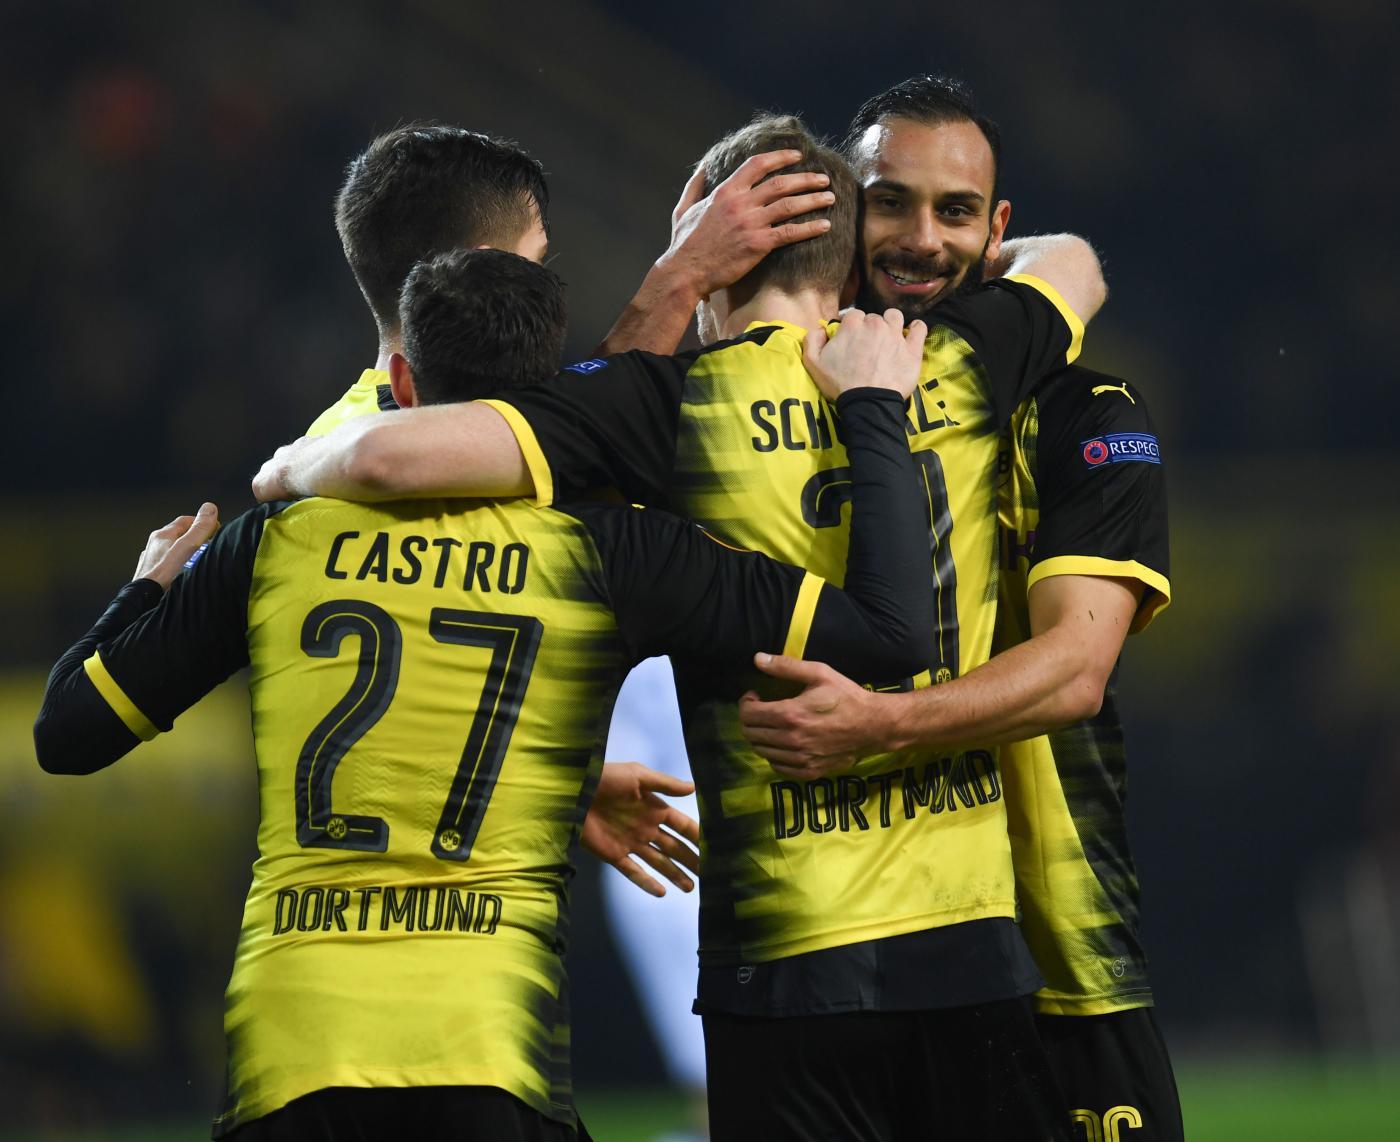 DFB Pokal, Furth-Borussia Dortmund lunedì 20 agosto: analisi e pronostico dei 32esimi di coppa nazionale tedesca